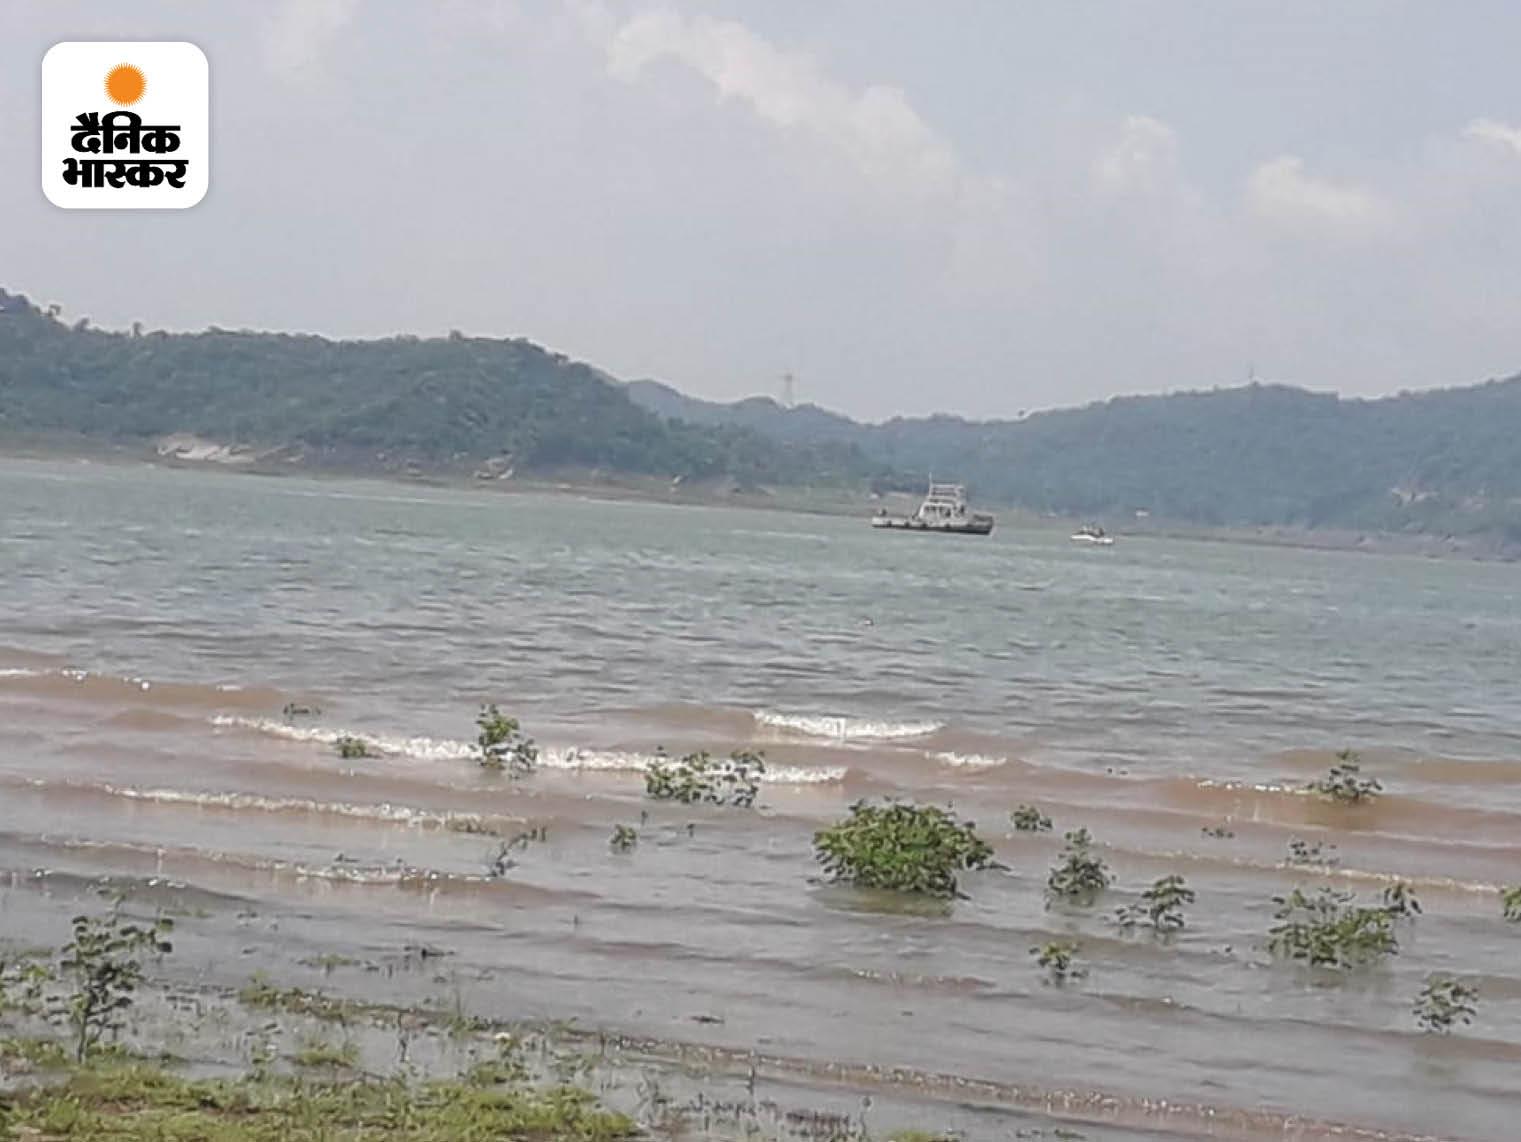 पठानकोट के पास रणजीत सागर डैम, जहां आर्मी का हेलिकॉप्टर क्रैश हुआ।